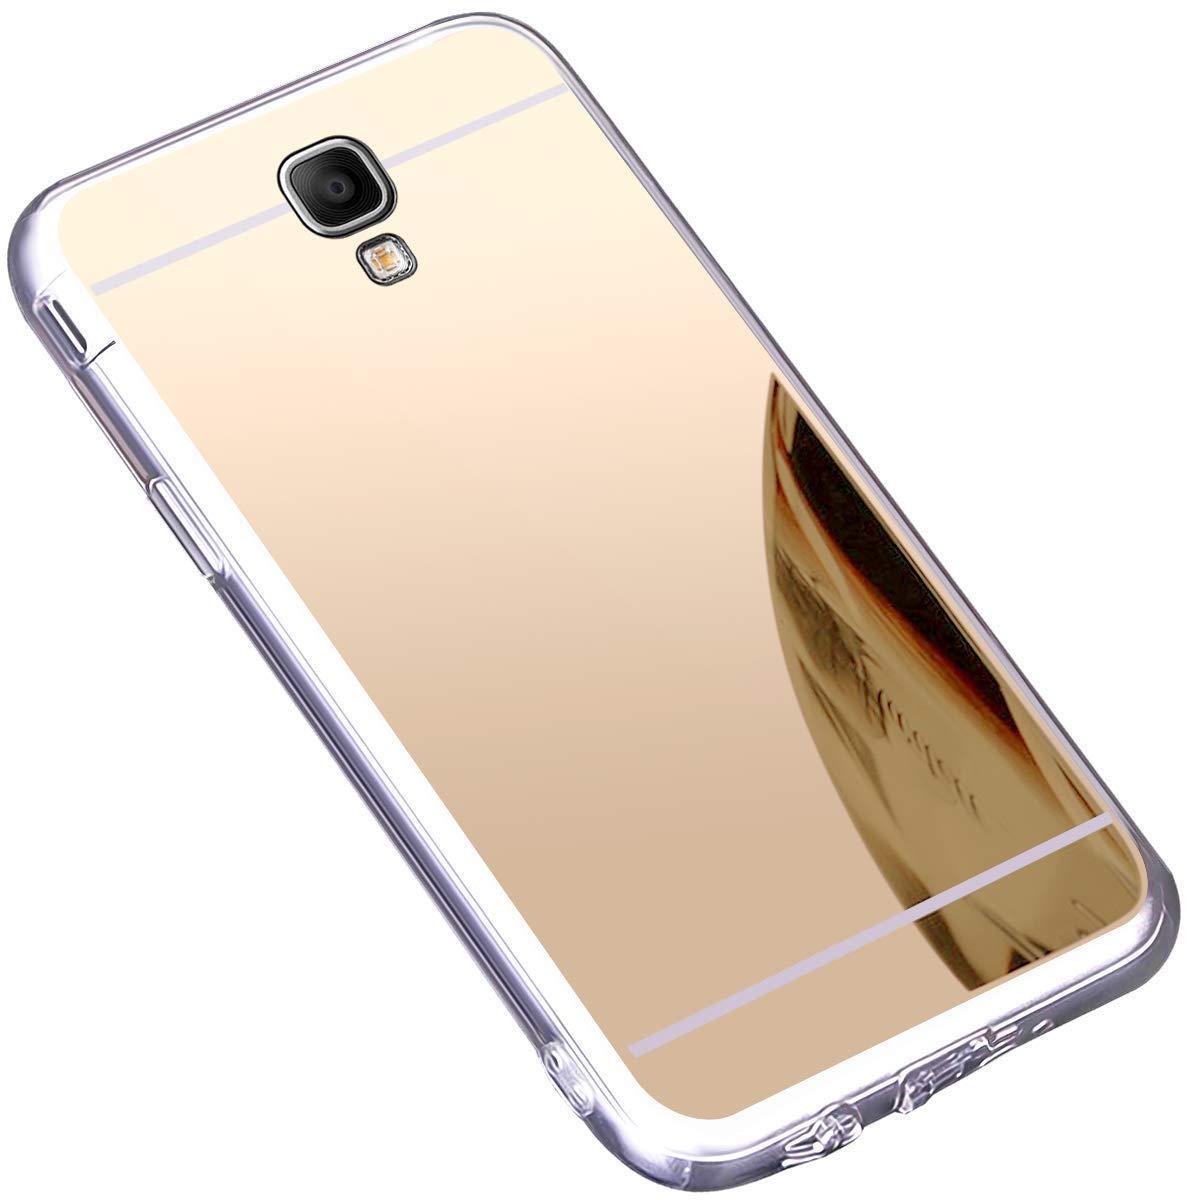 Ultra Slim Morbido Specchio Silicone Cover Placcatura Resistente Anti-Scratch Bumper Mirror Cover per Samsung Galaxy Note 3-Argento SainCat Custodia Galaxy Note 3